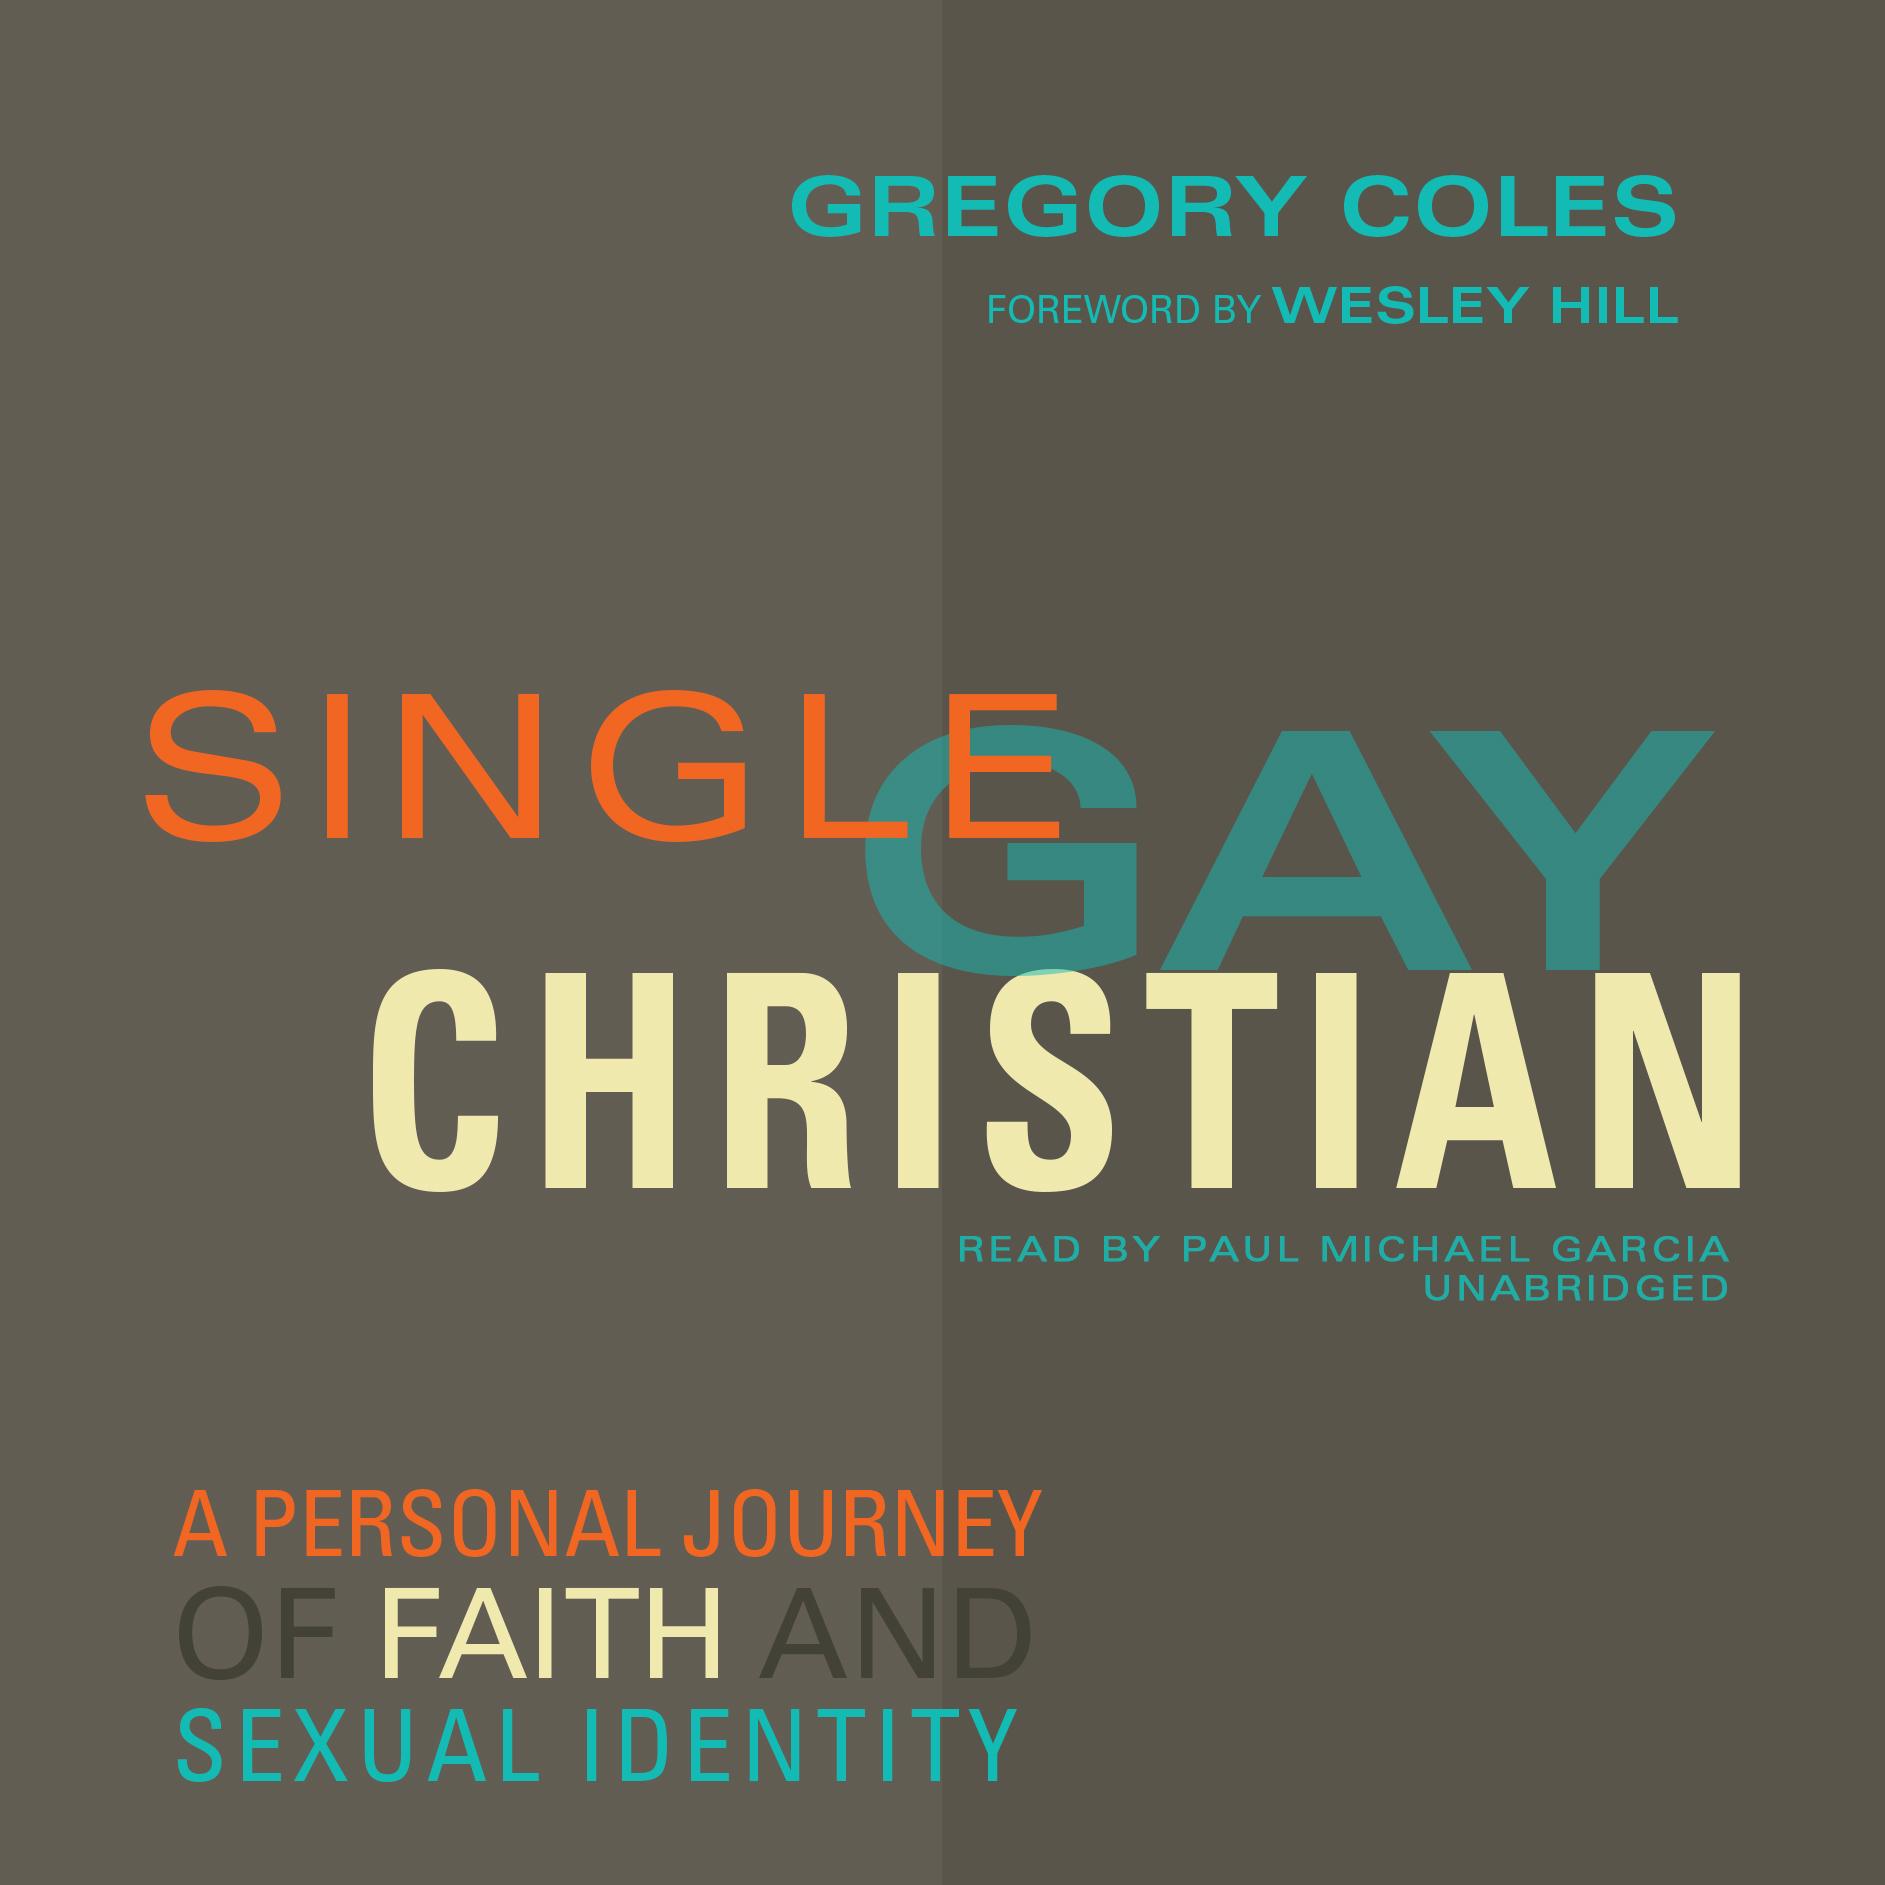 Single, Gay, & Christian | Greg Coles